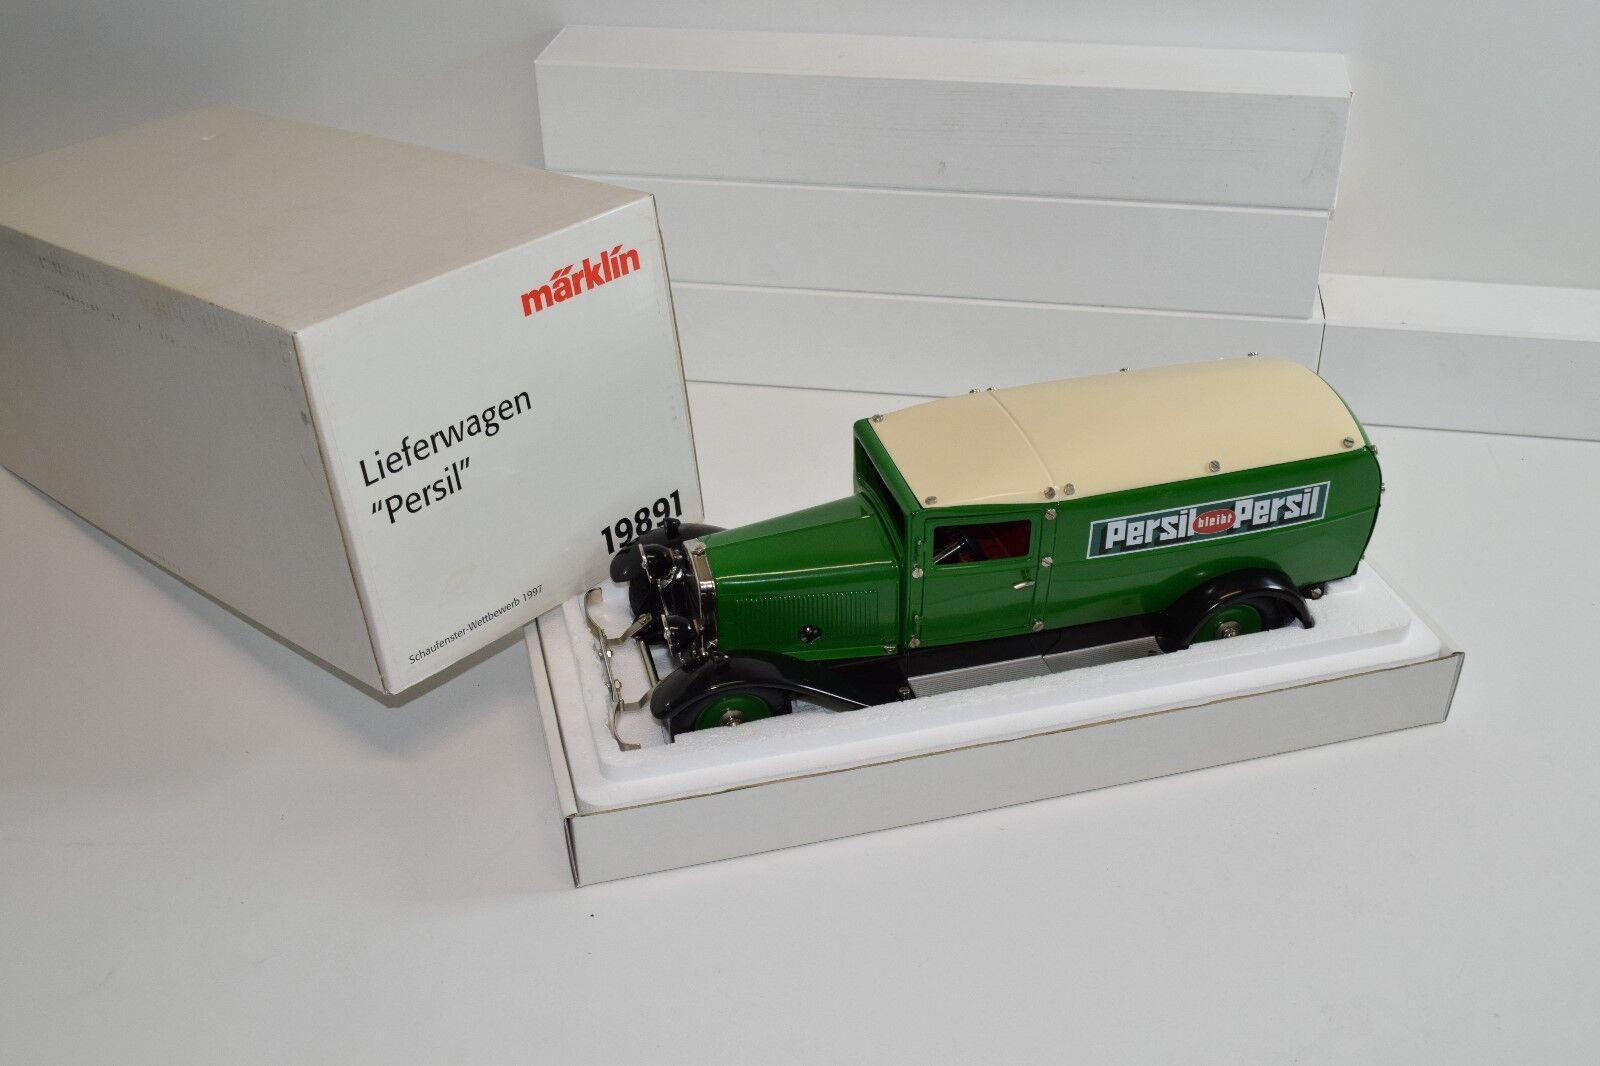 3371836 Märklin 19891 Persil  vitrine-concurrence  Camionnette